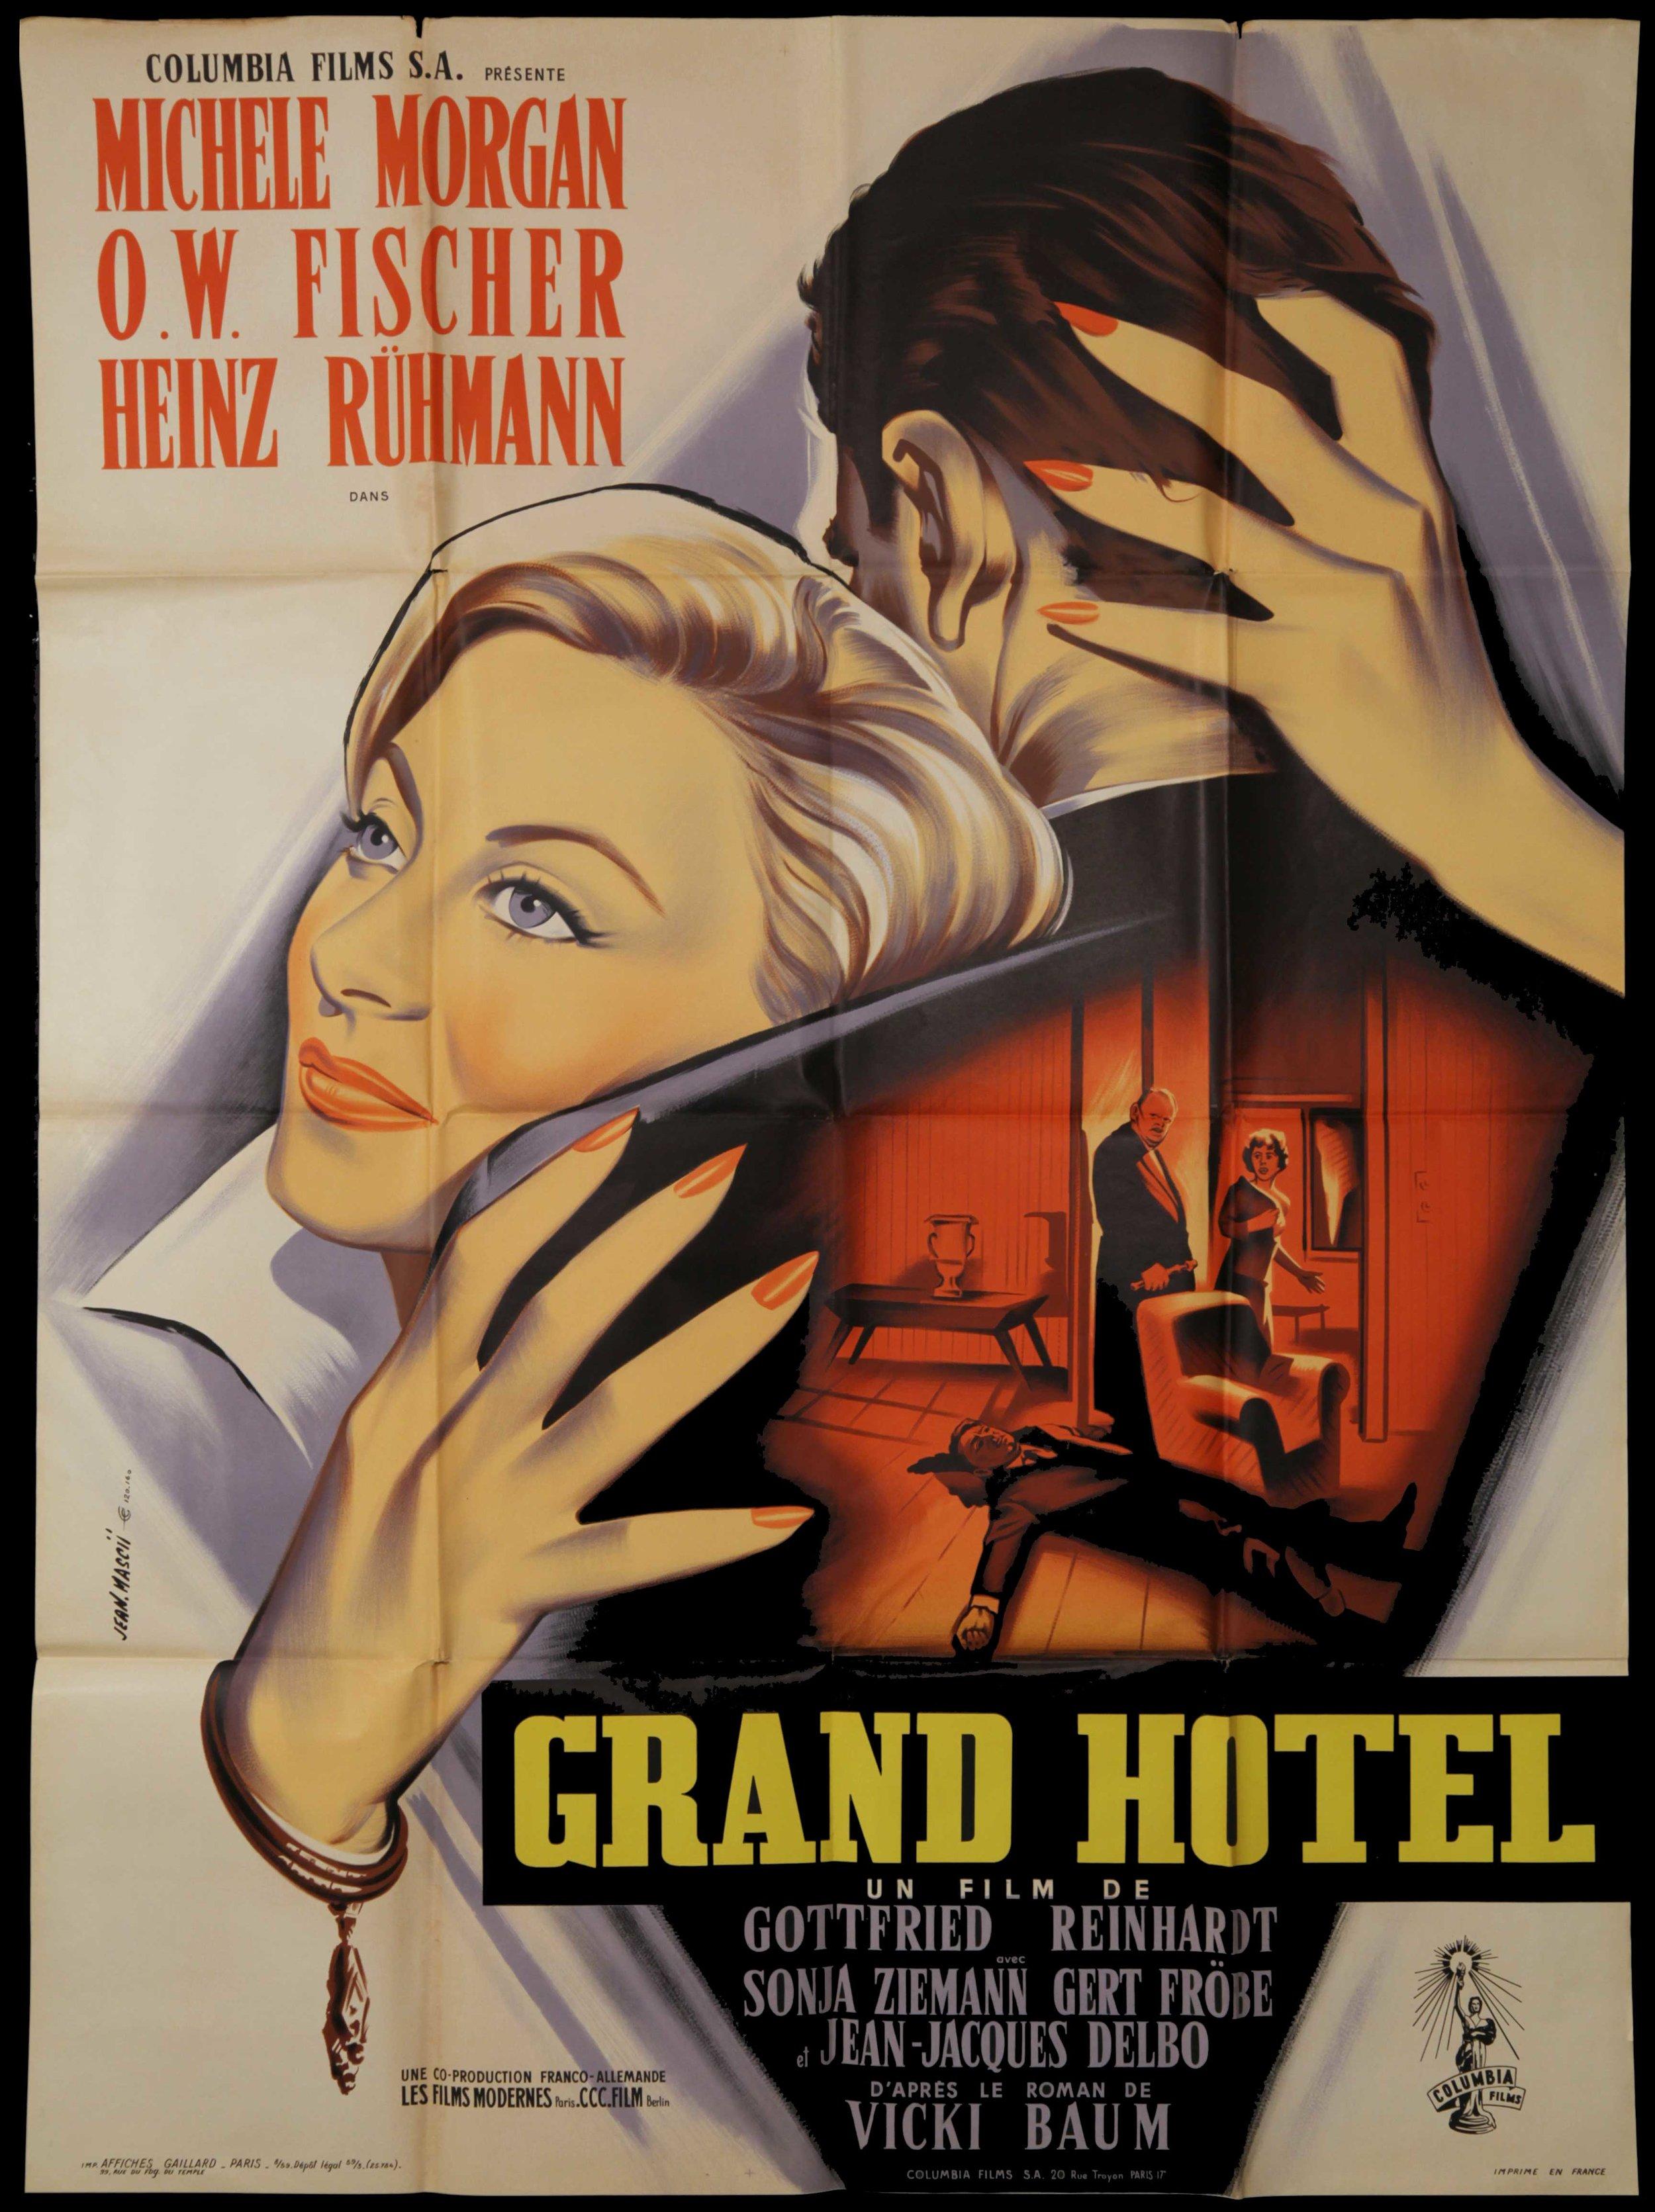 Grand Hotel (1959)